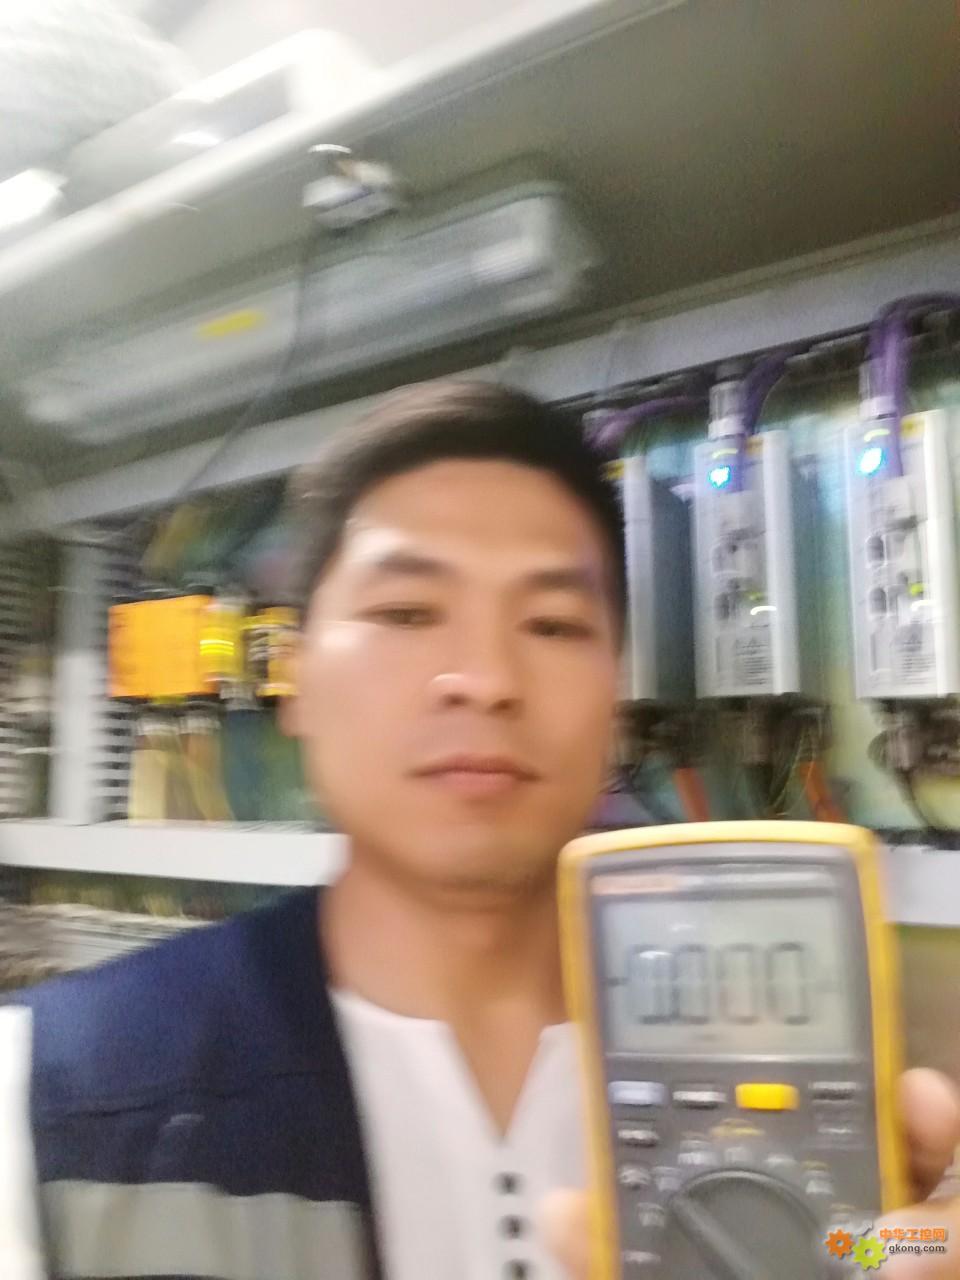 【福禄克POLO】电气工作中的好助手好仪伴!